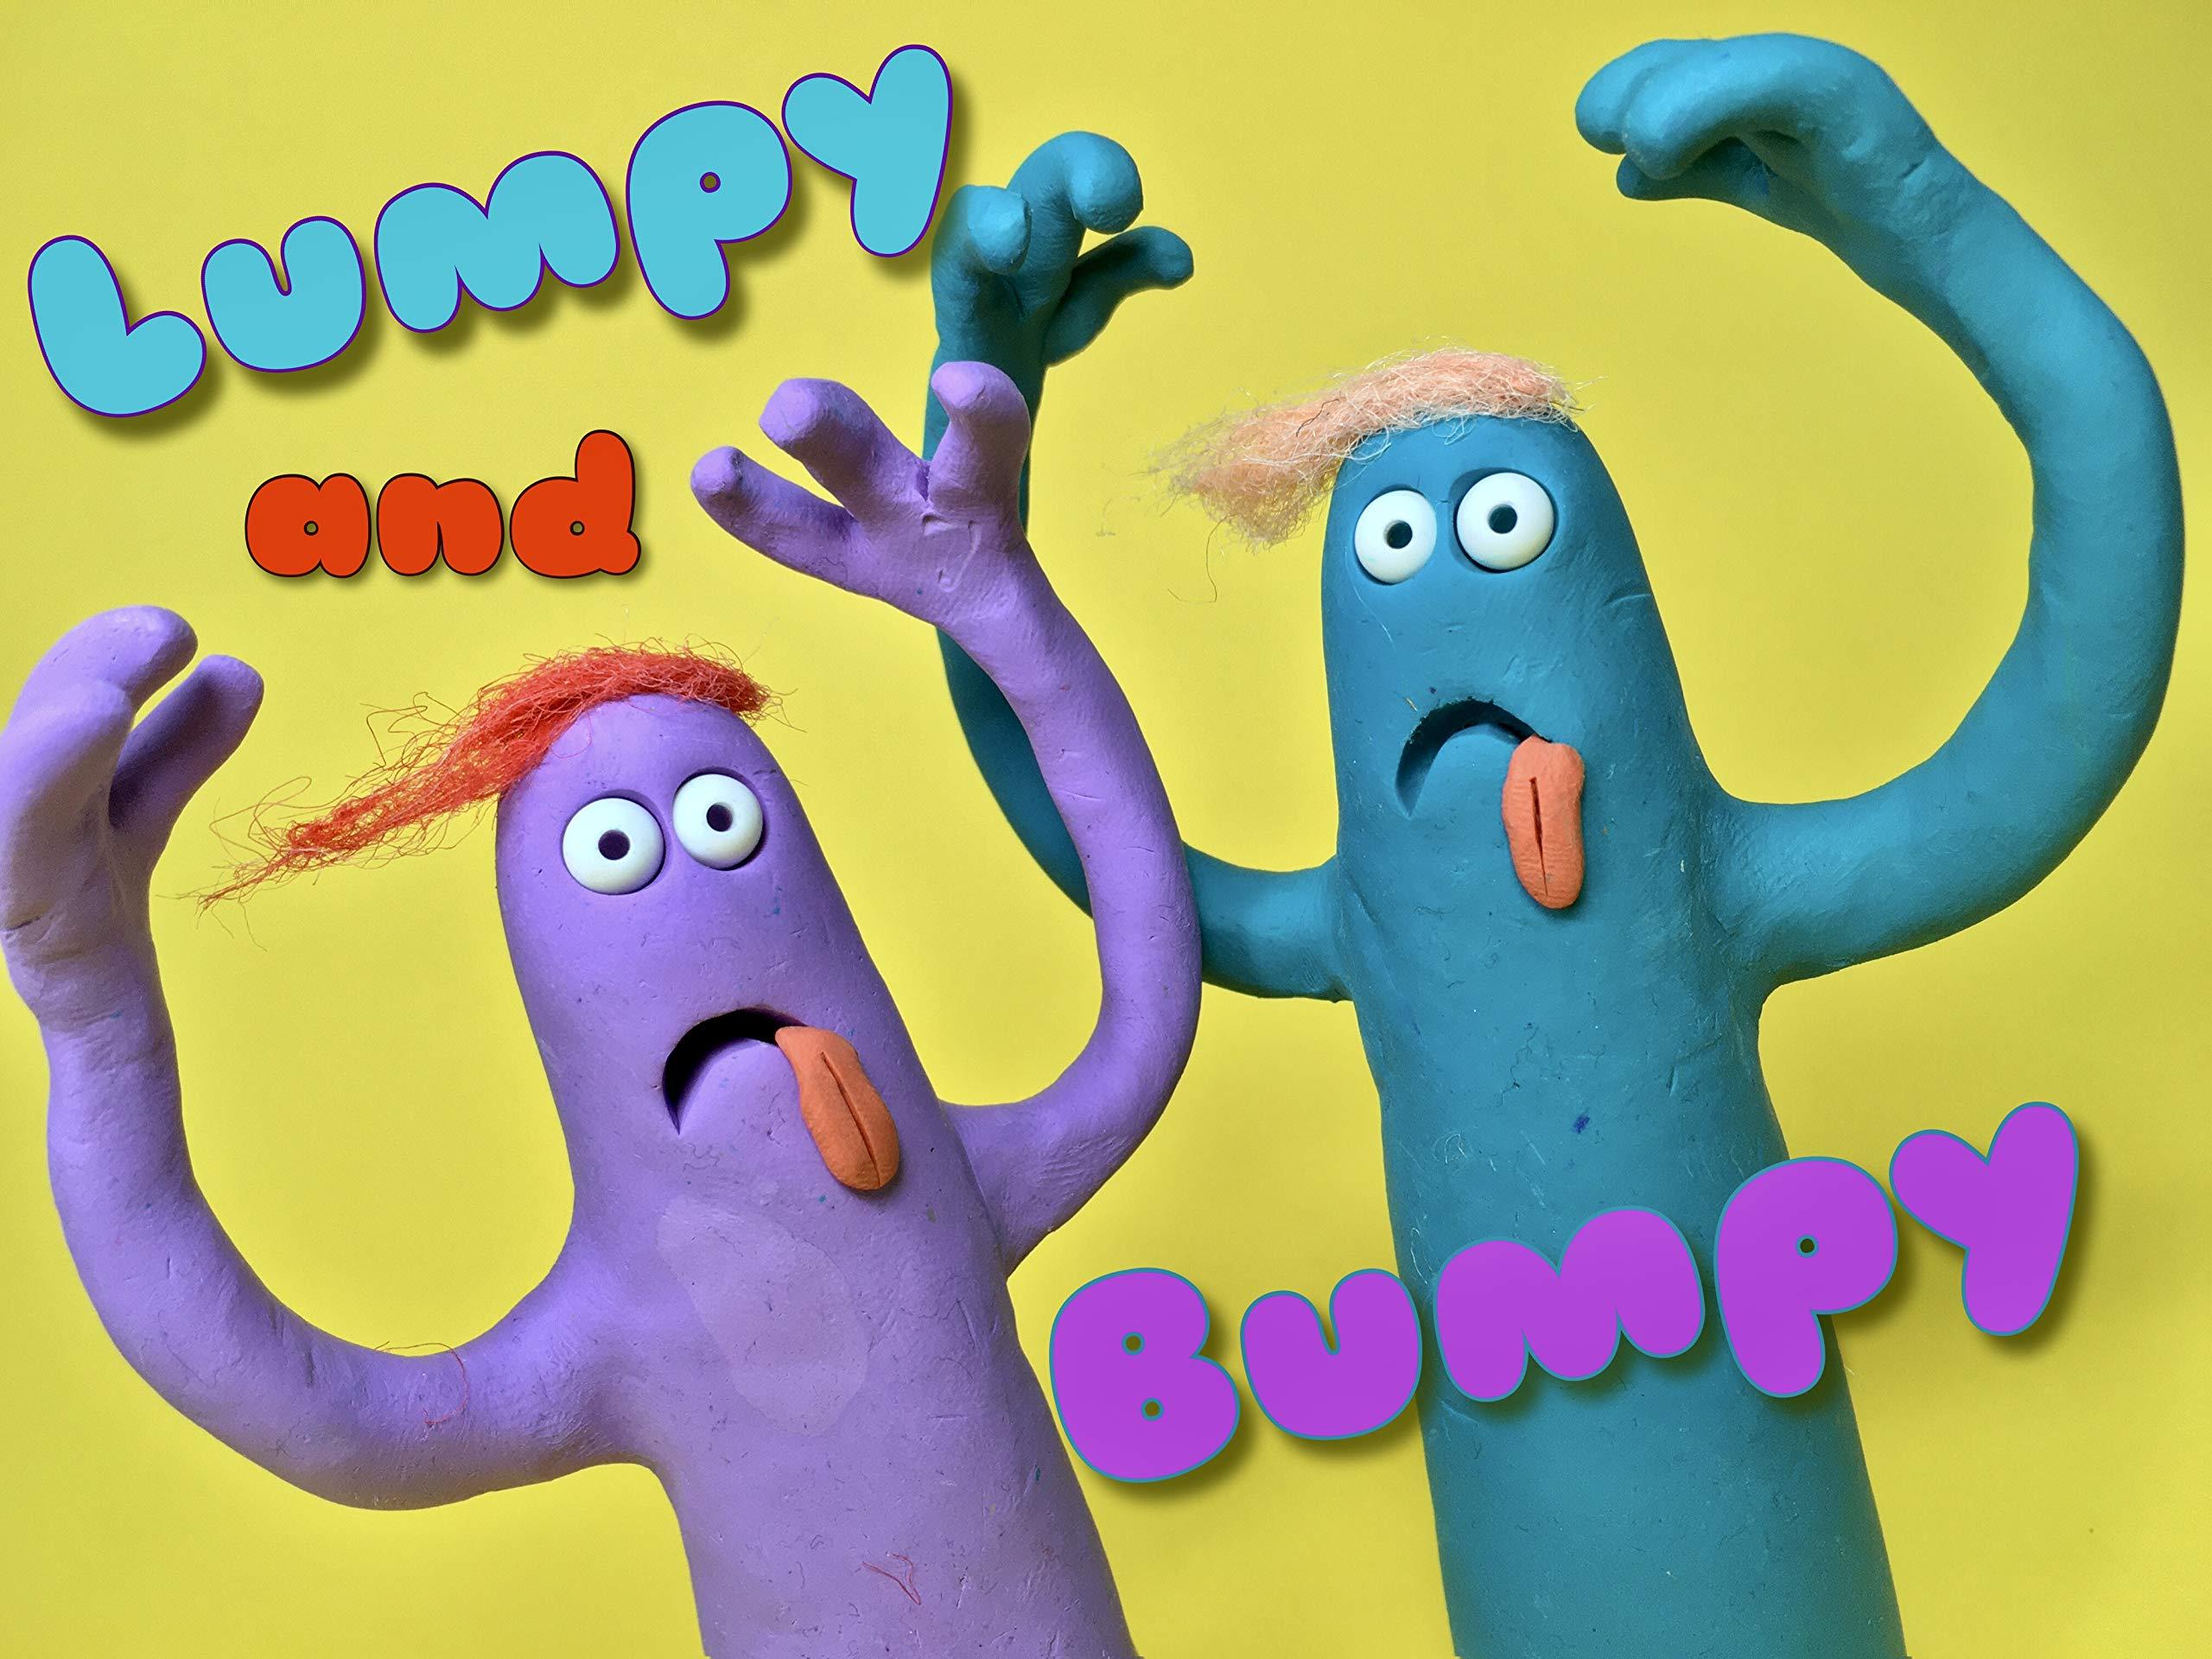 Lumpy and Bumpy